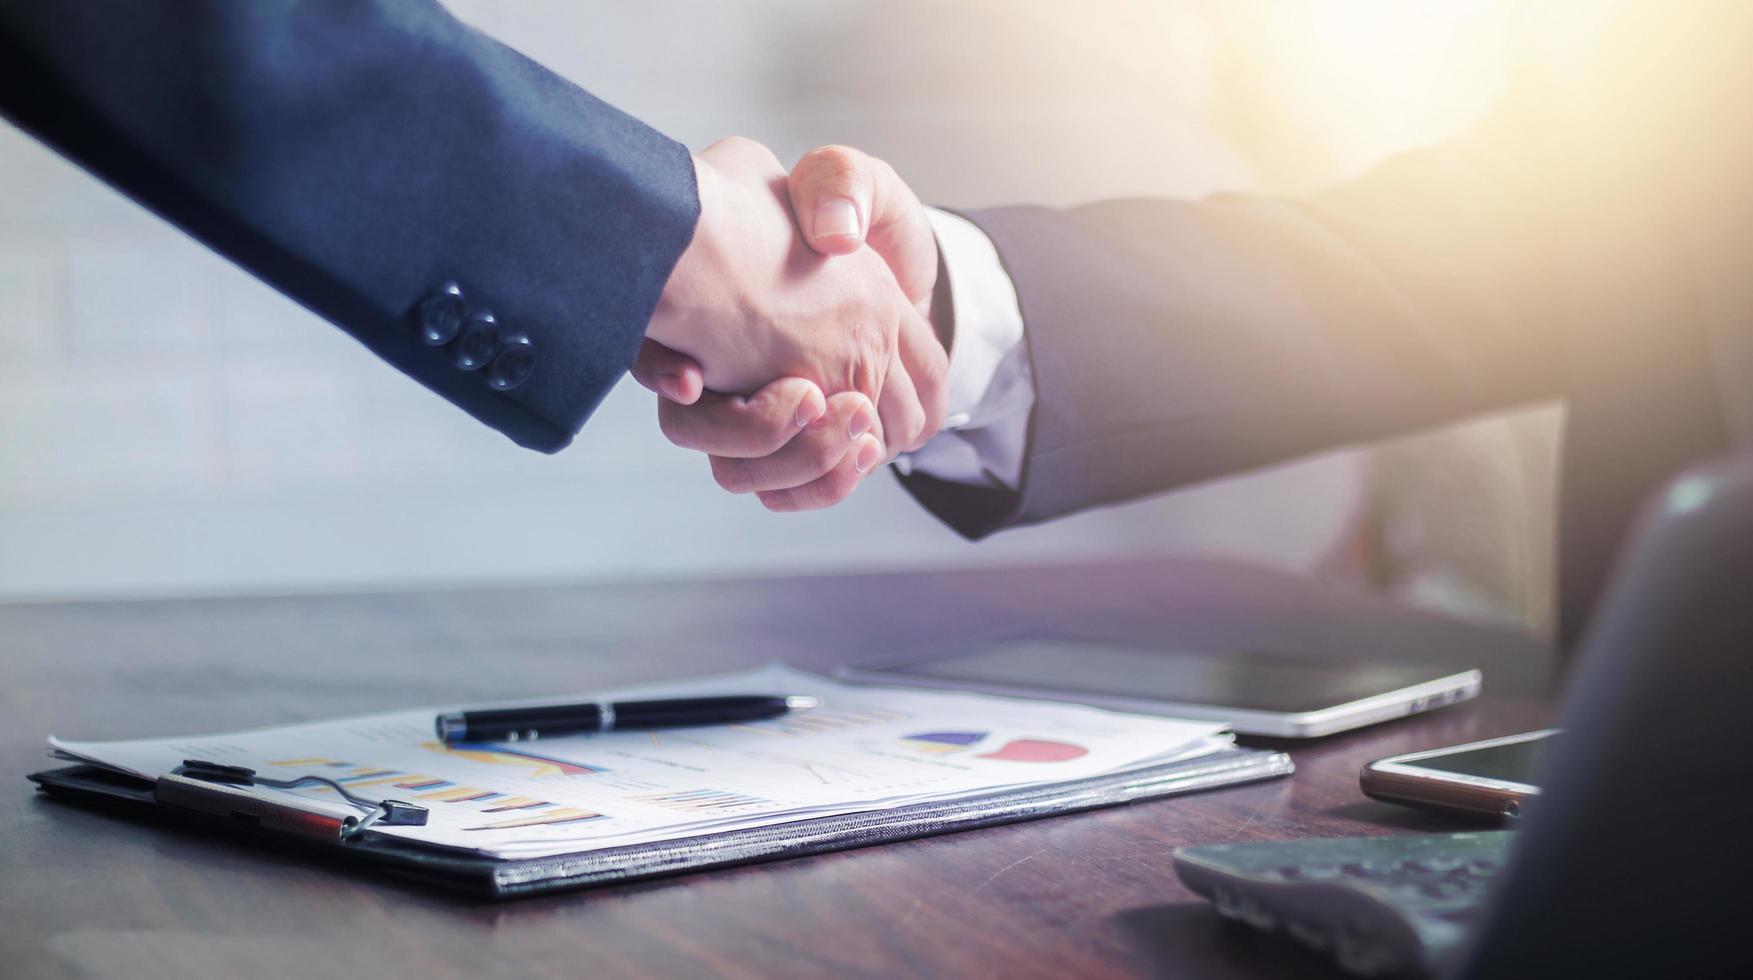 deux hommes d'affaires se serrent la main pour célébrer un accord commercial photo